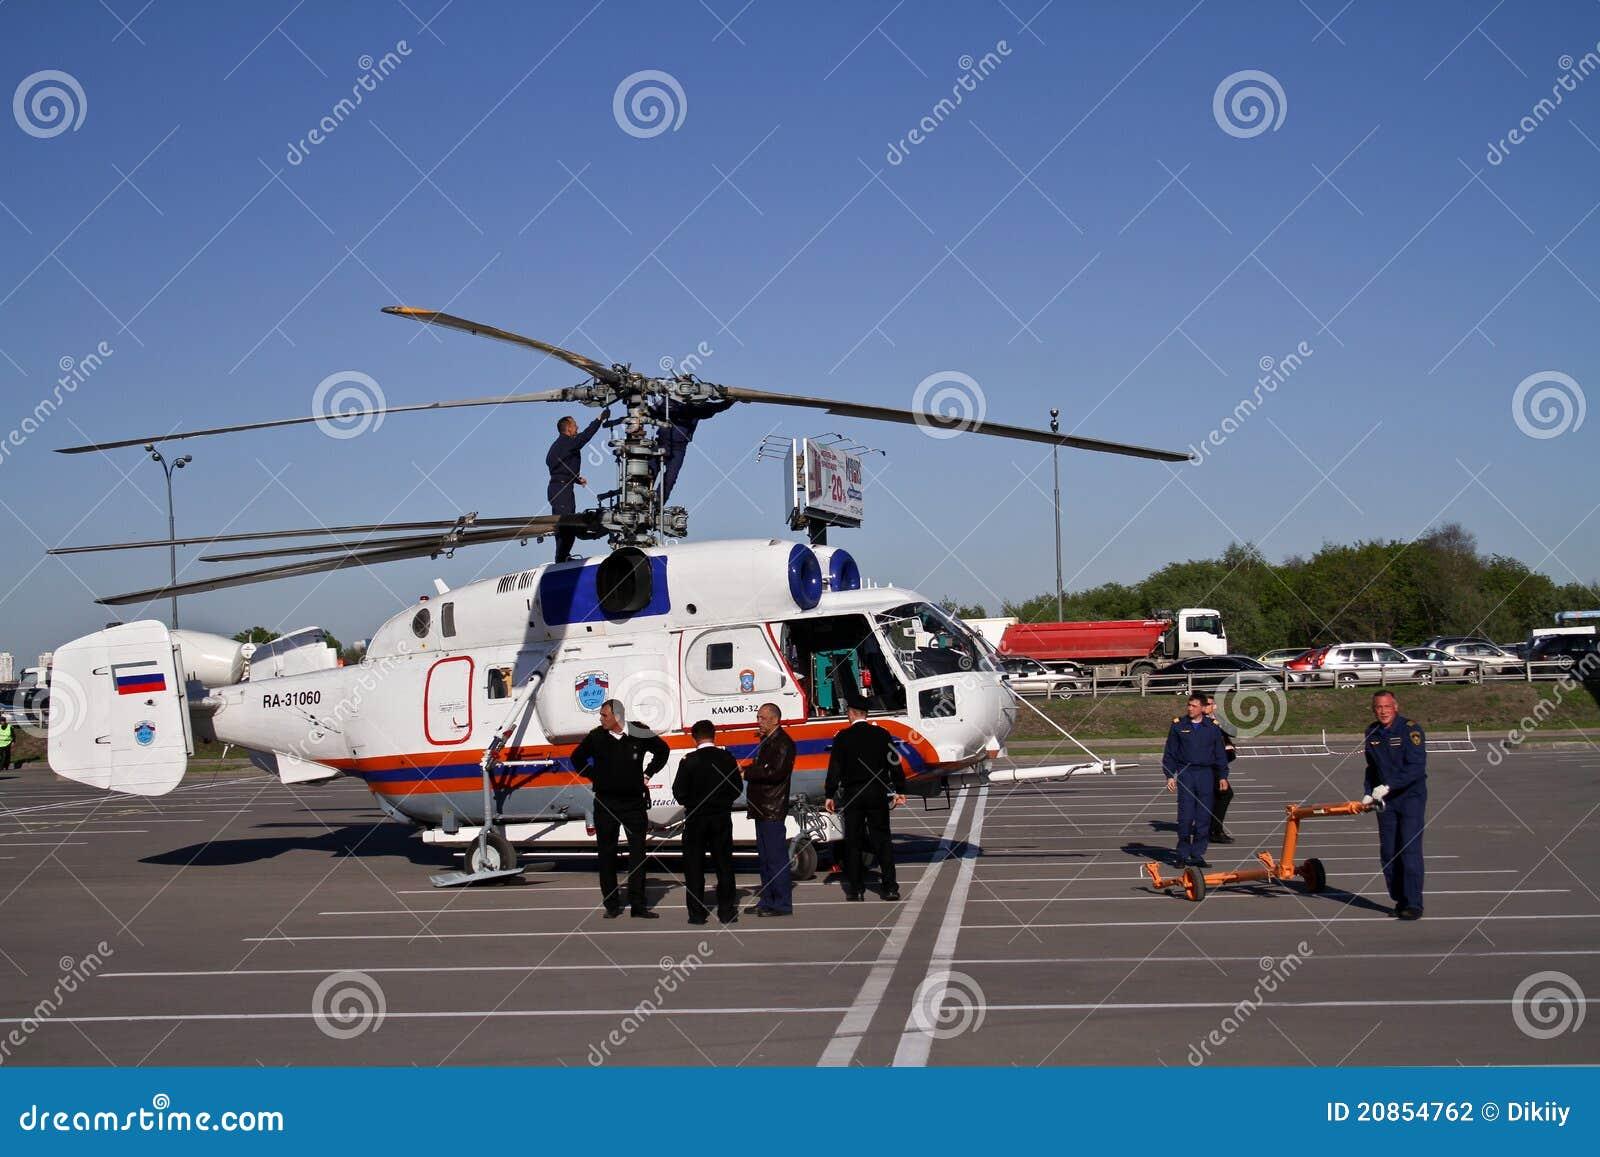 Elicottero Ka 32 : Elicottero ka a fotografia editoriale immagine di volo